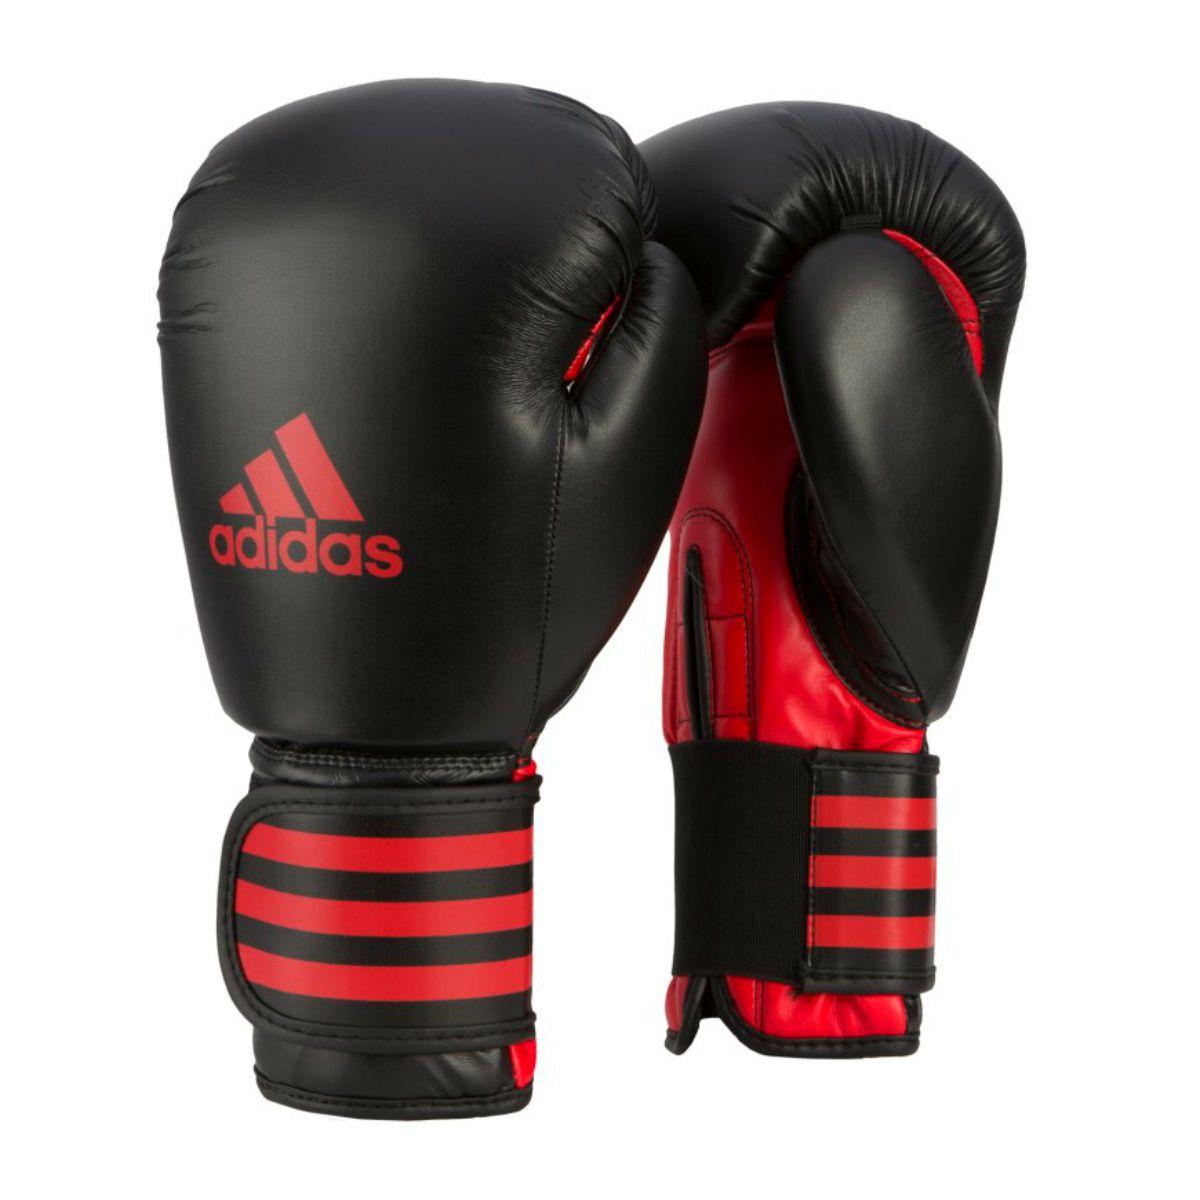 99701f7f5 Luva de Boxe Adidas Power 100 Preto Vermelho - Made4fighters